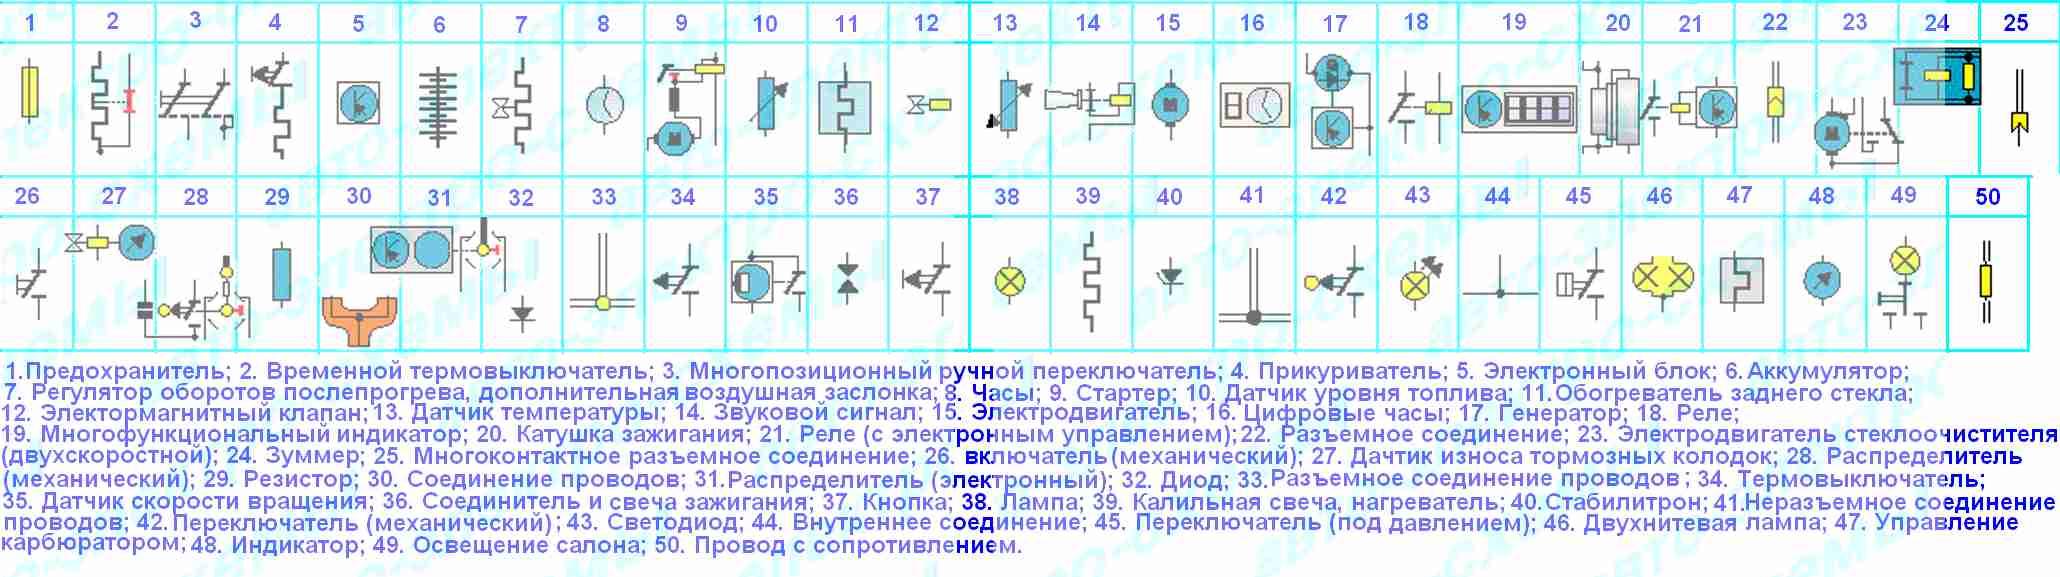 обозначение графических символов